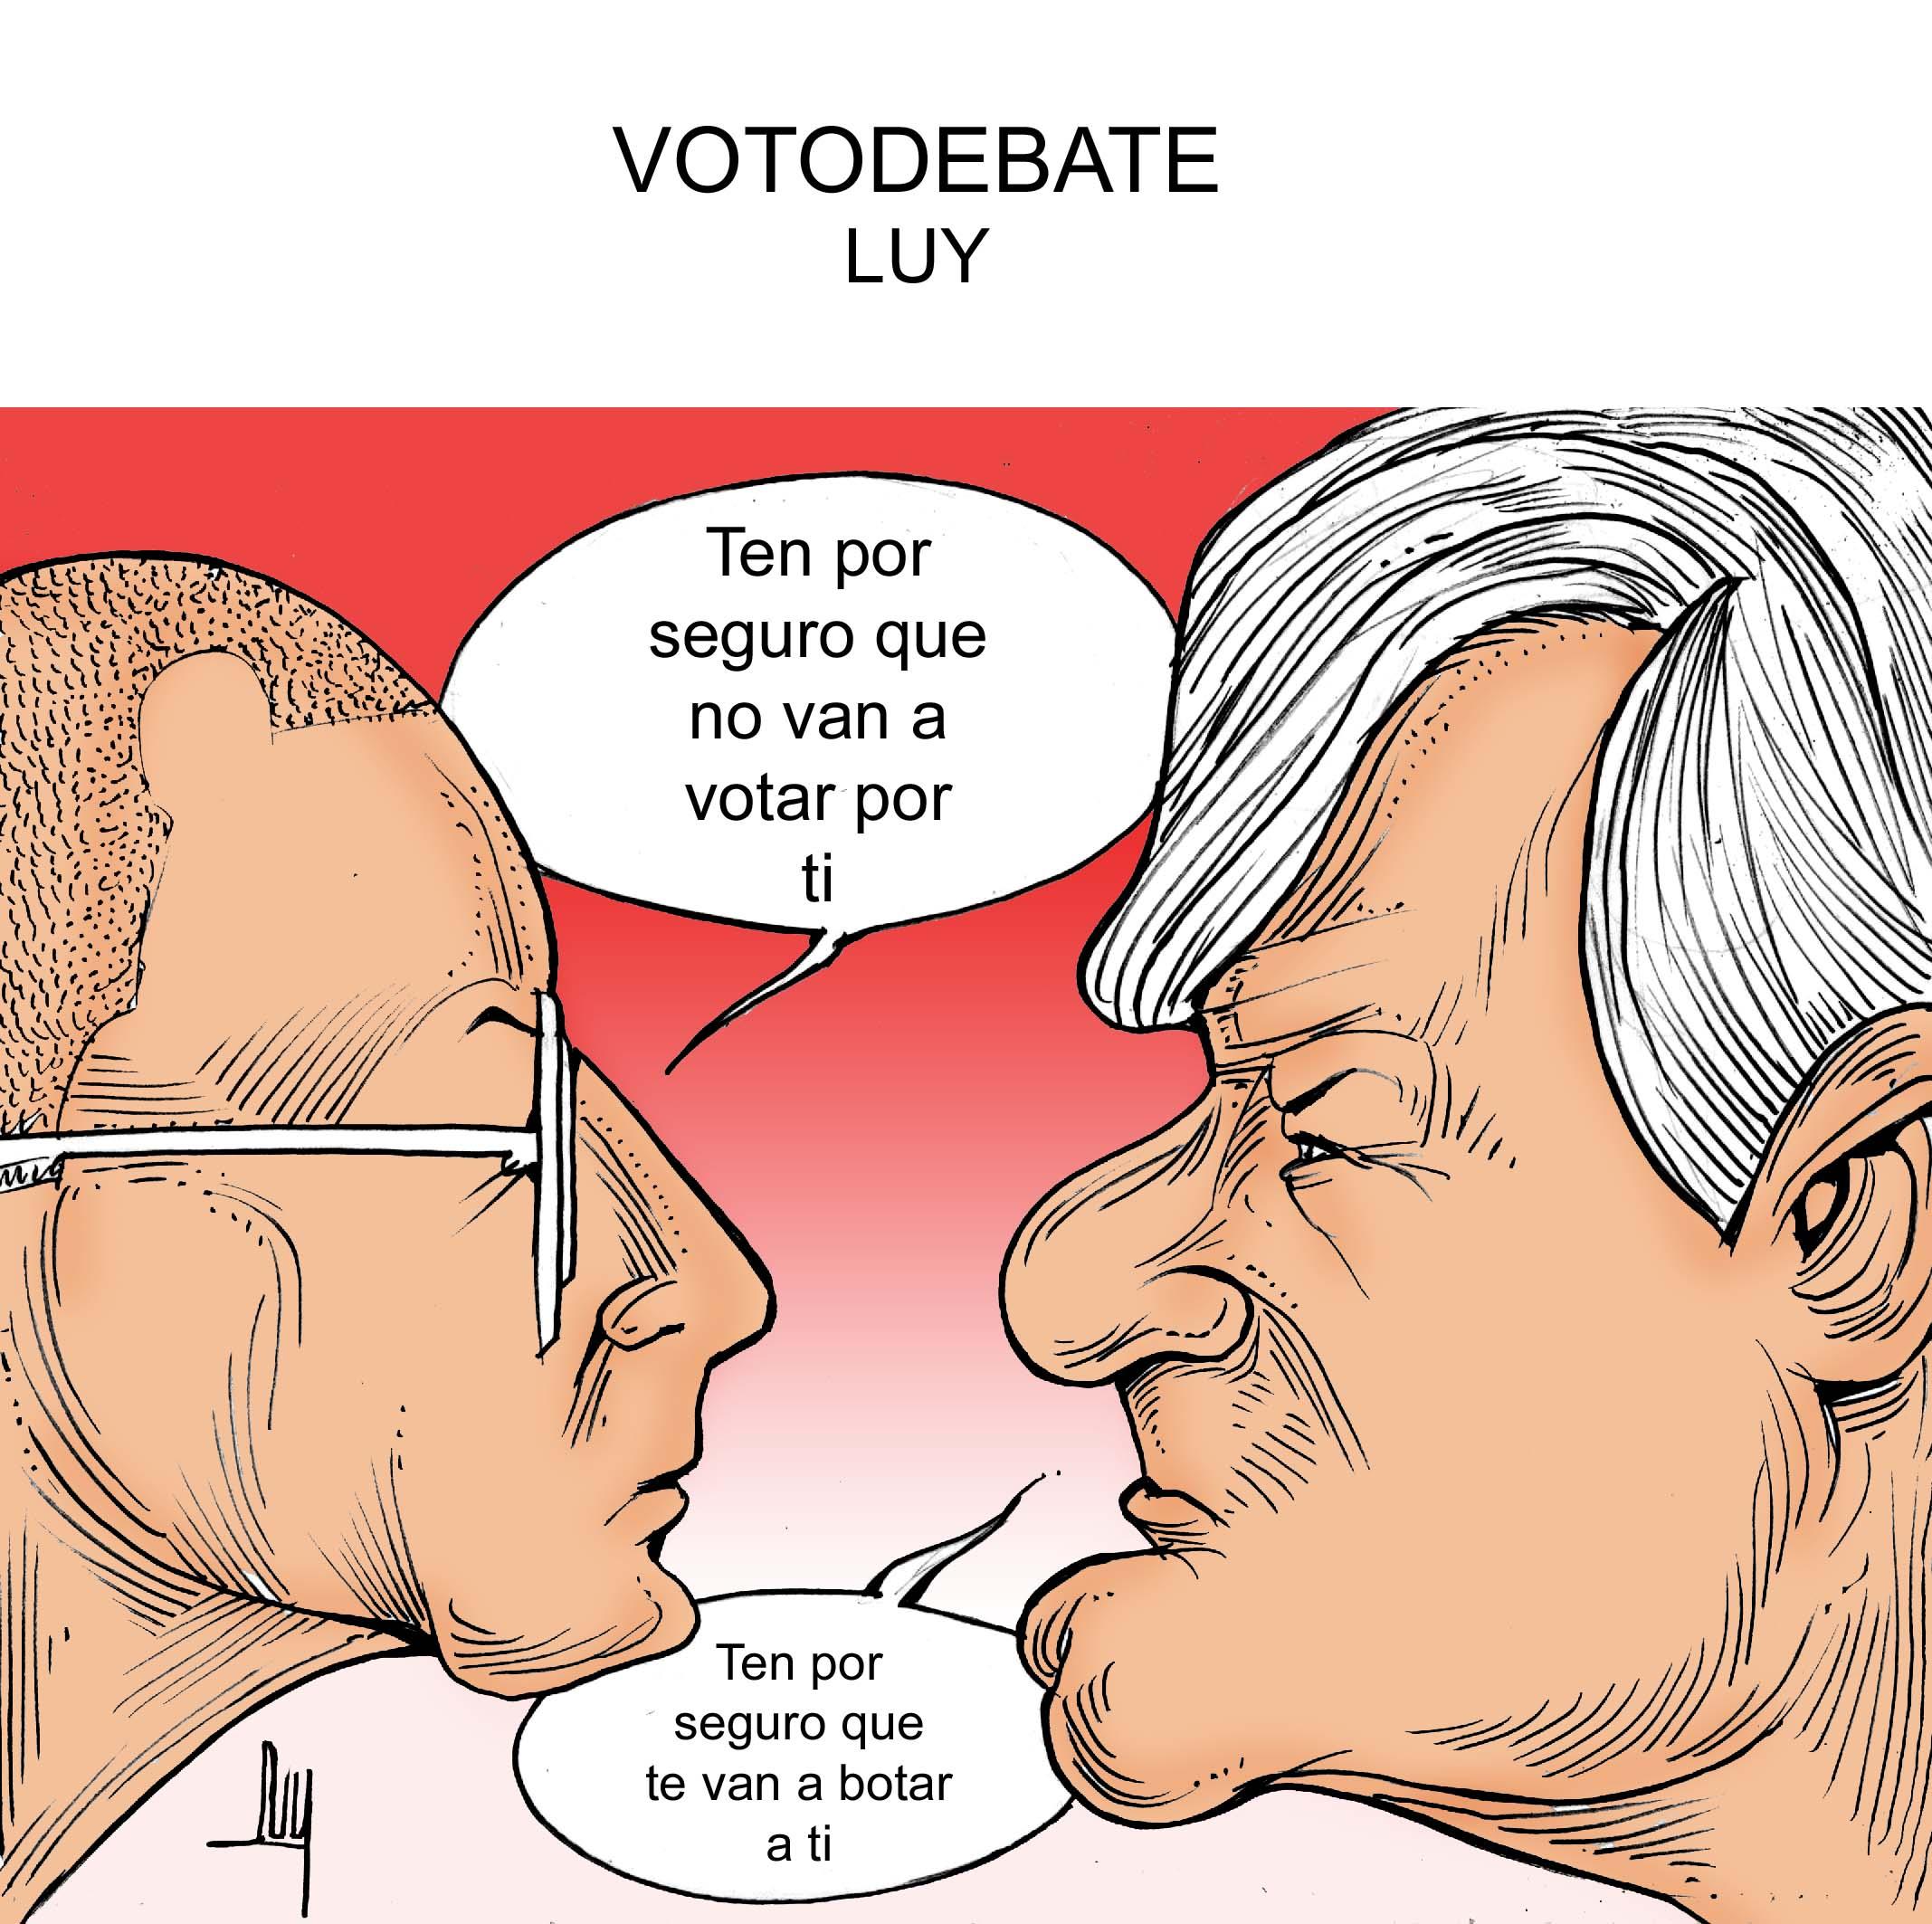 votodebate